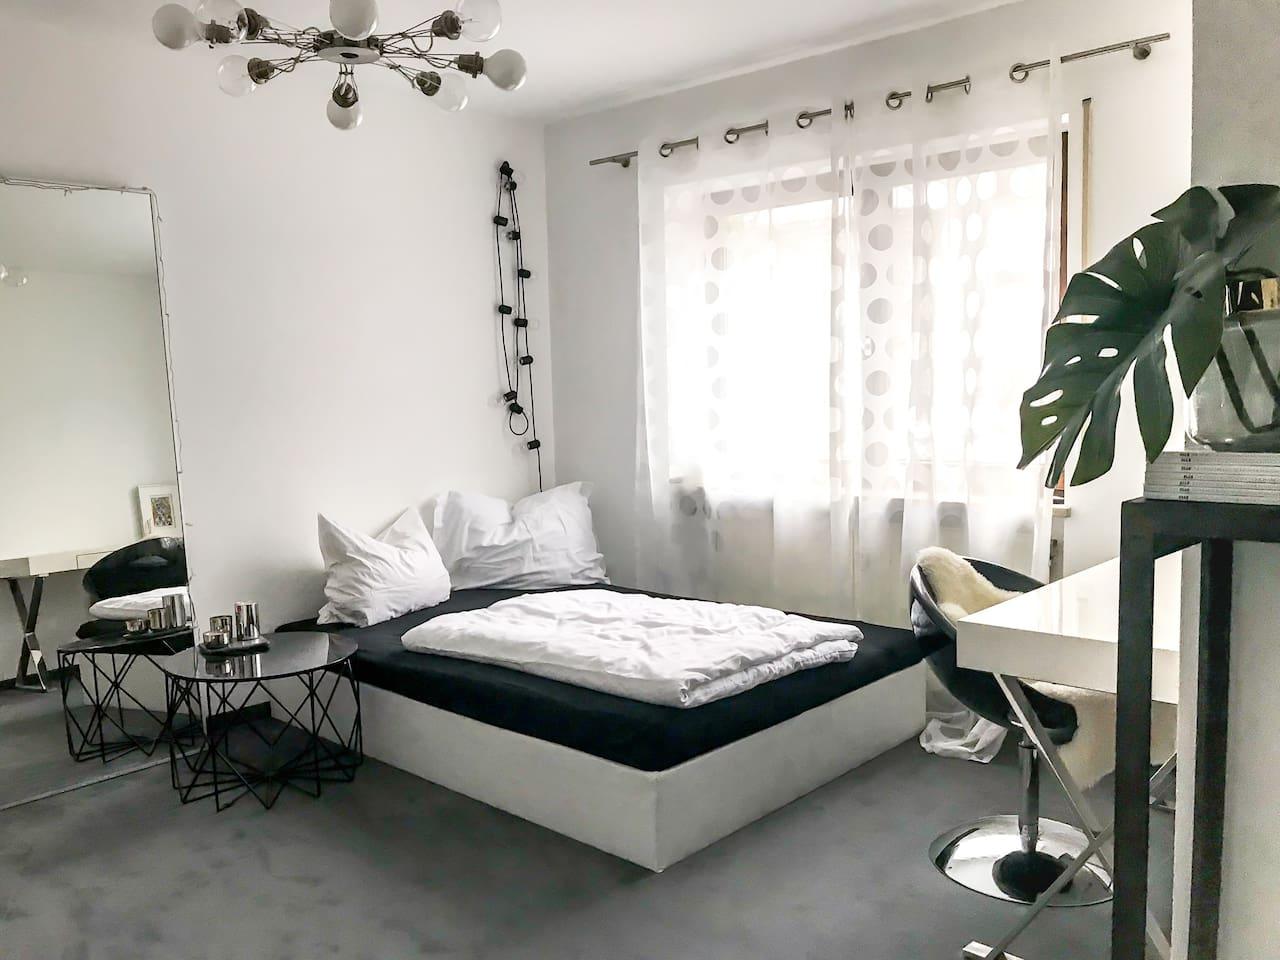 Schlafzimmer mit großem Bett und Arbeitsplatz